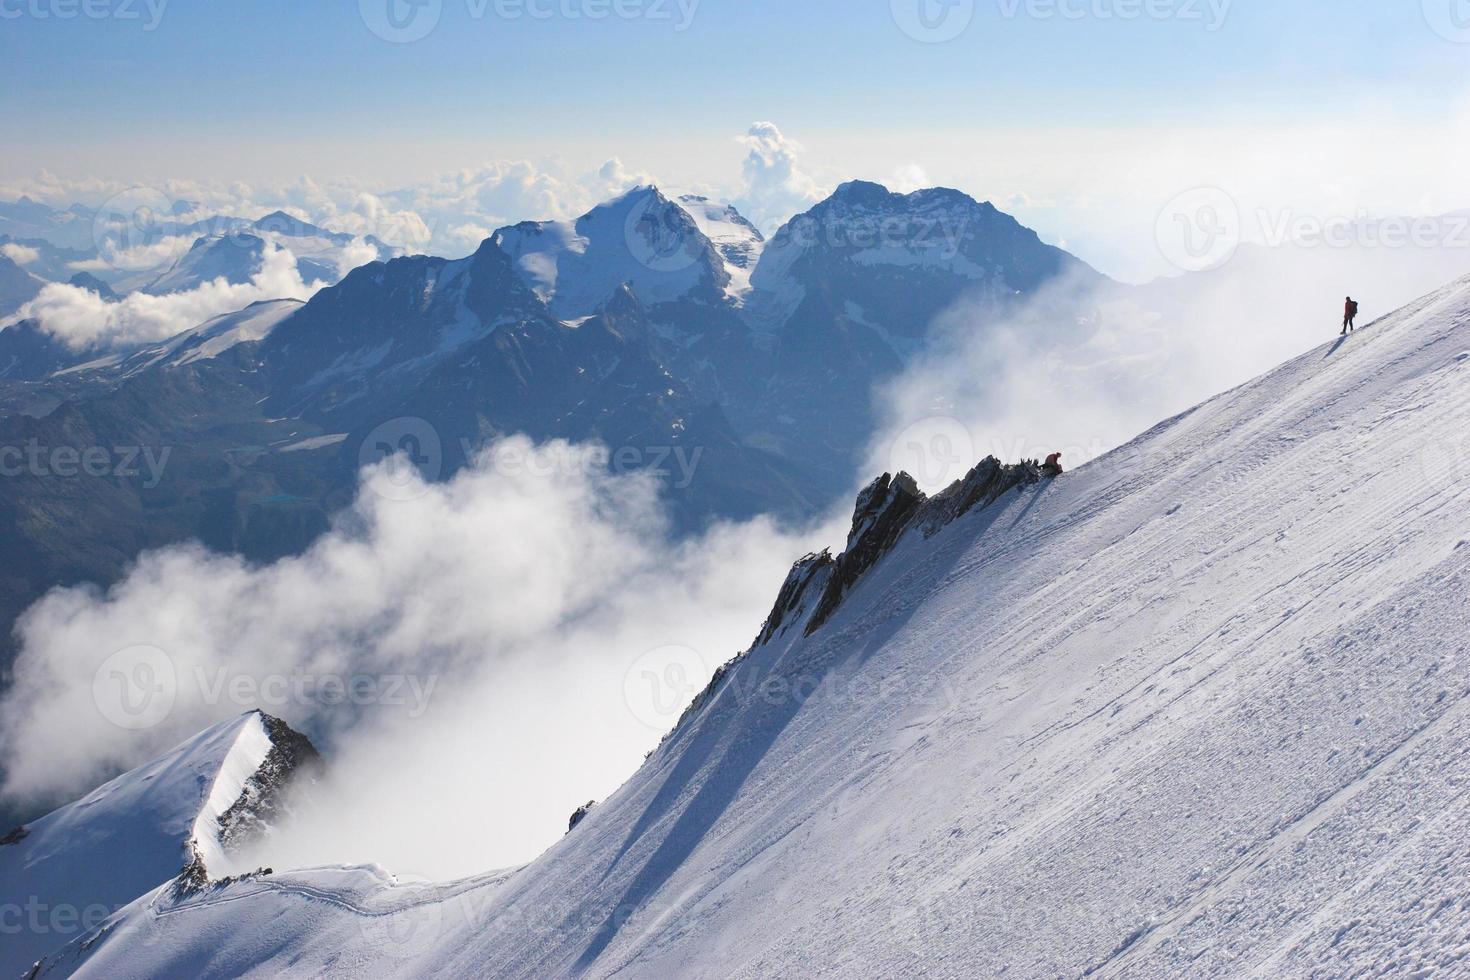 Grimpeur sur une crête de montagne couverte de neige avec des nuages tourbillonnants photo